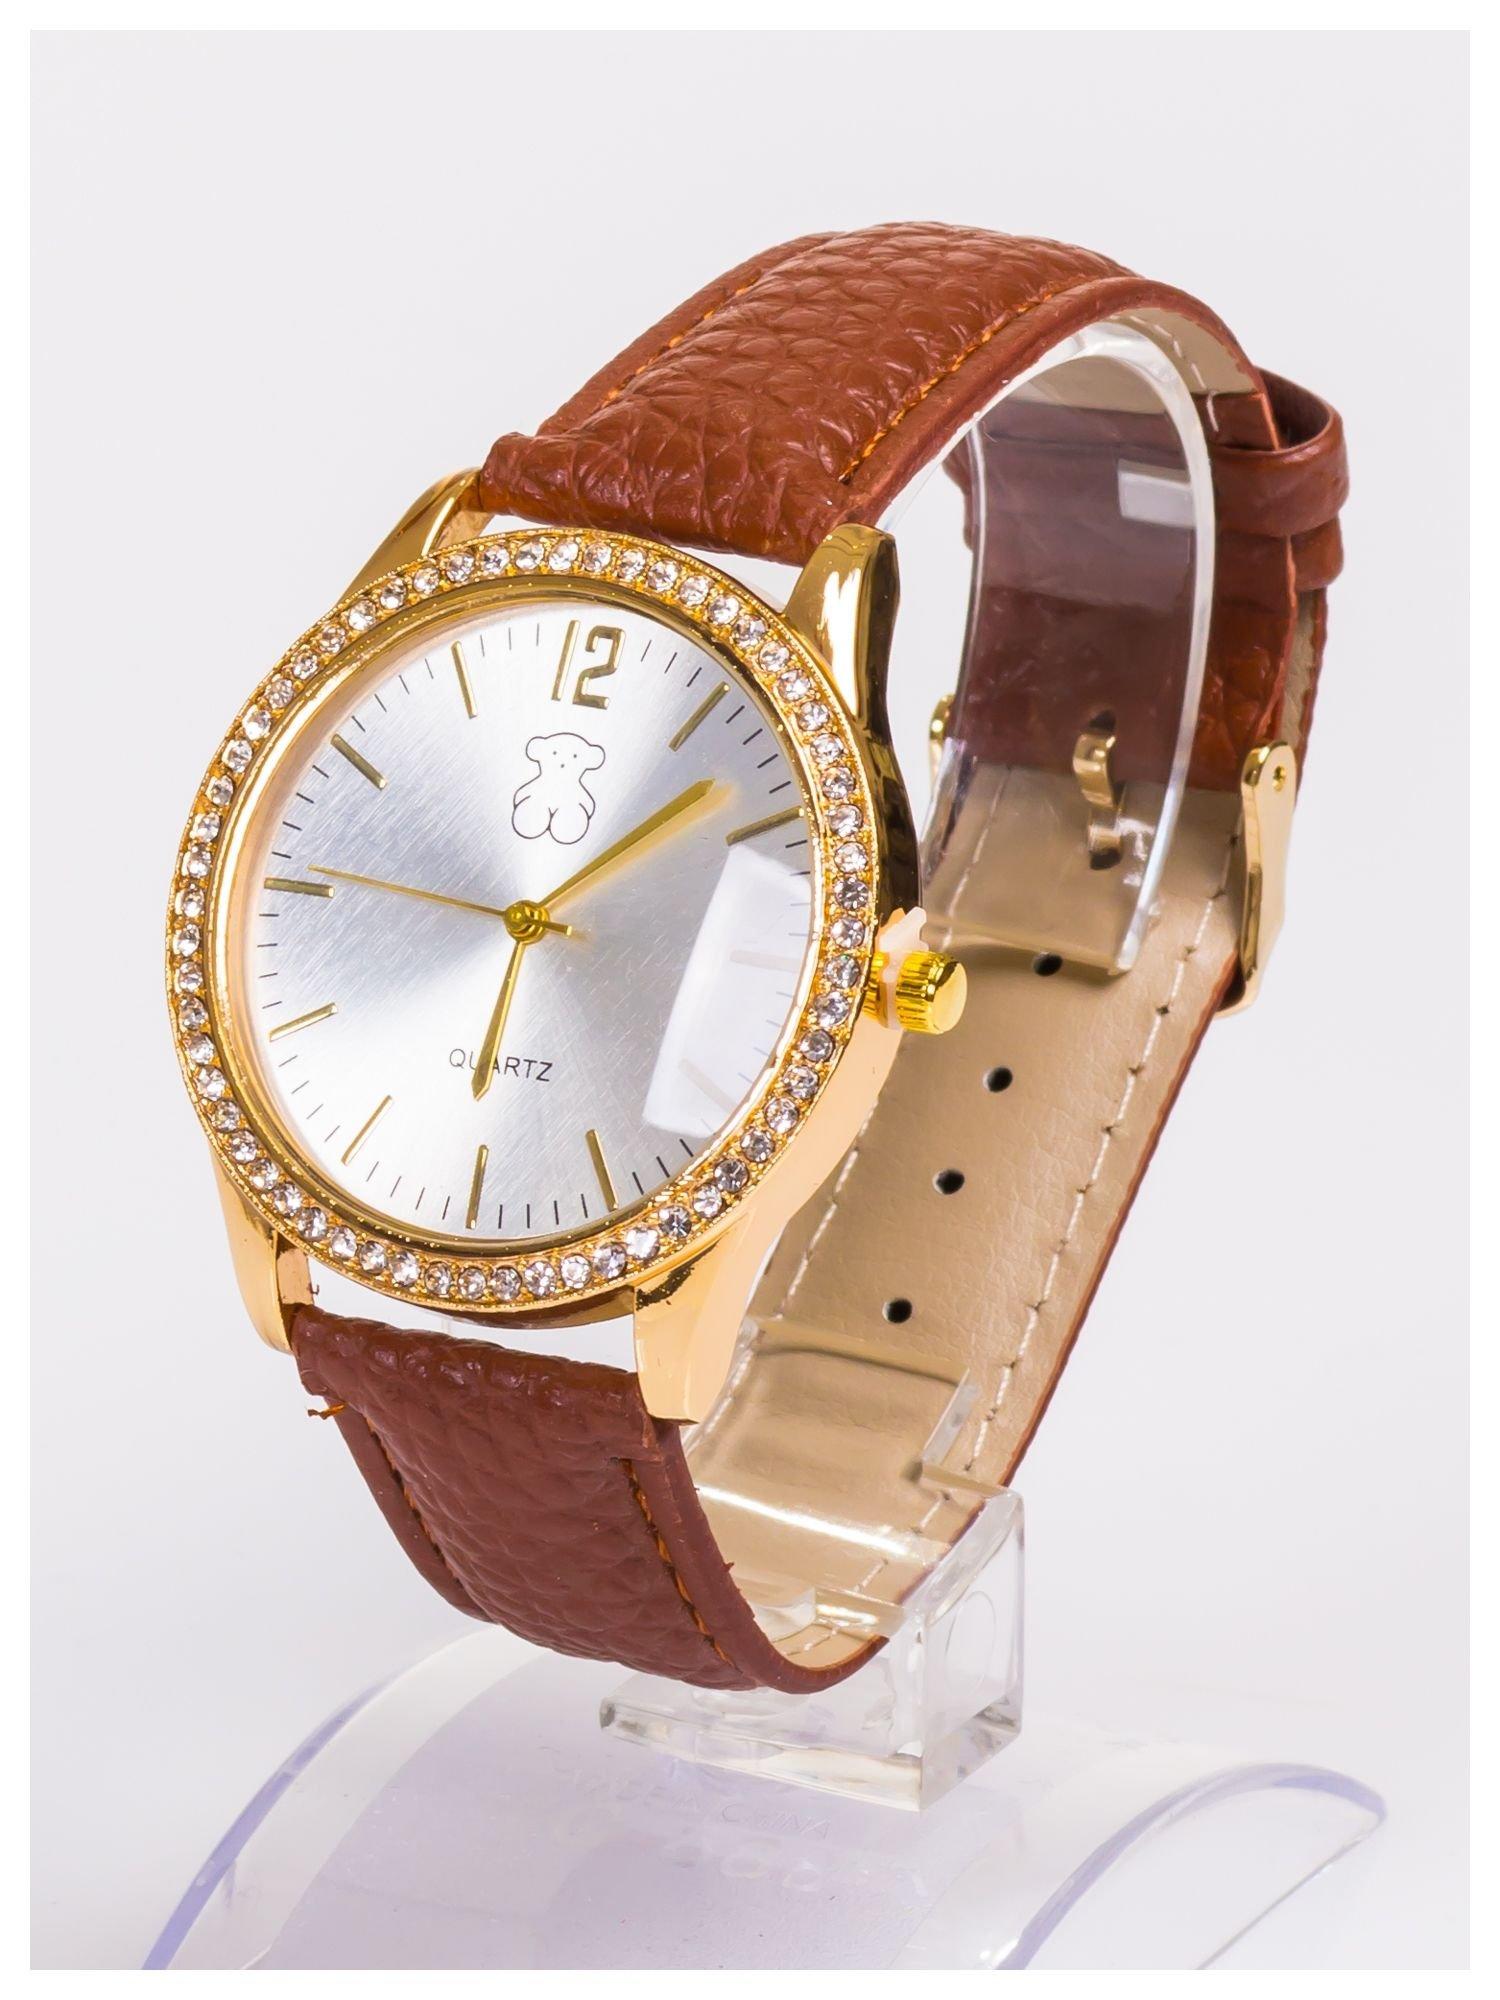 Damski zegarek z cyrkoniami z dużą wyraźną tarczą                                  zdj.                                  2